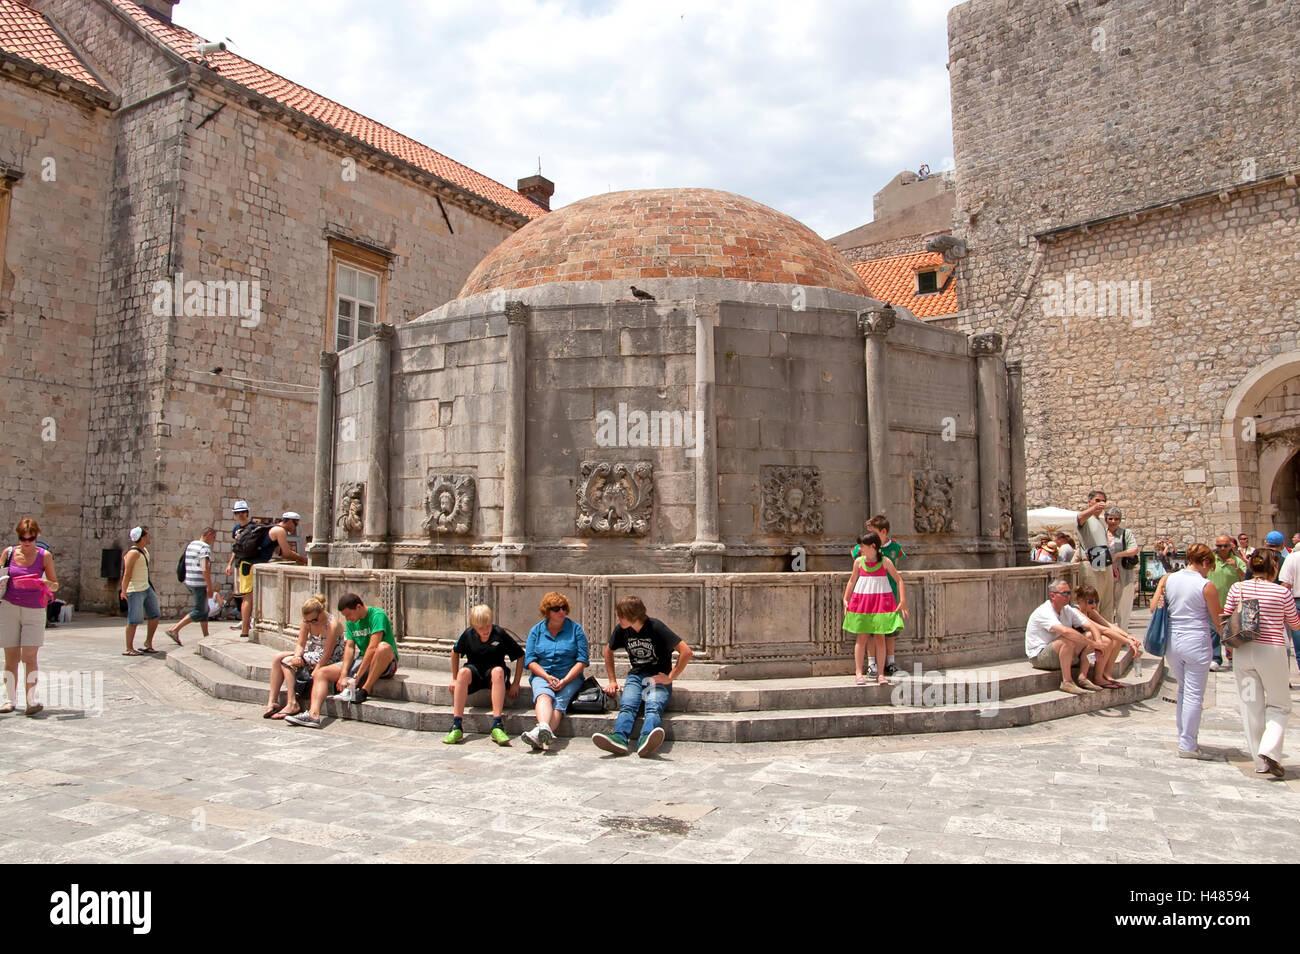 DUBROVNIK, Croatie - le 28 juin 2010: les touristes non identifié près de la grande fontaine d'Onofrio, l'un des monuments de la vieille ville Banque D'Images